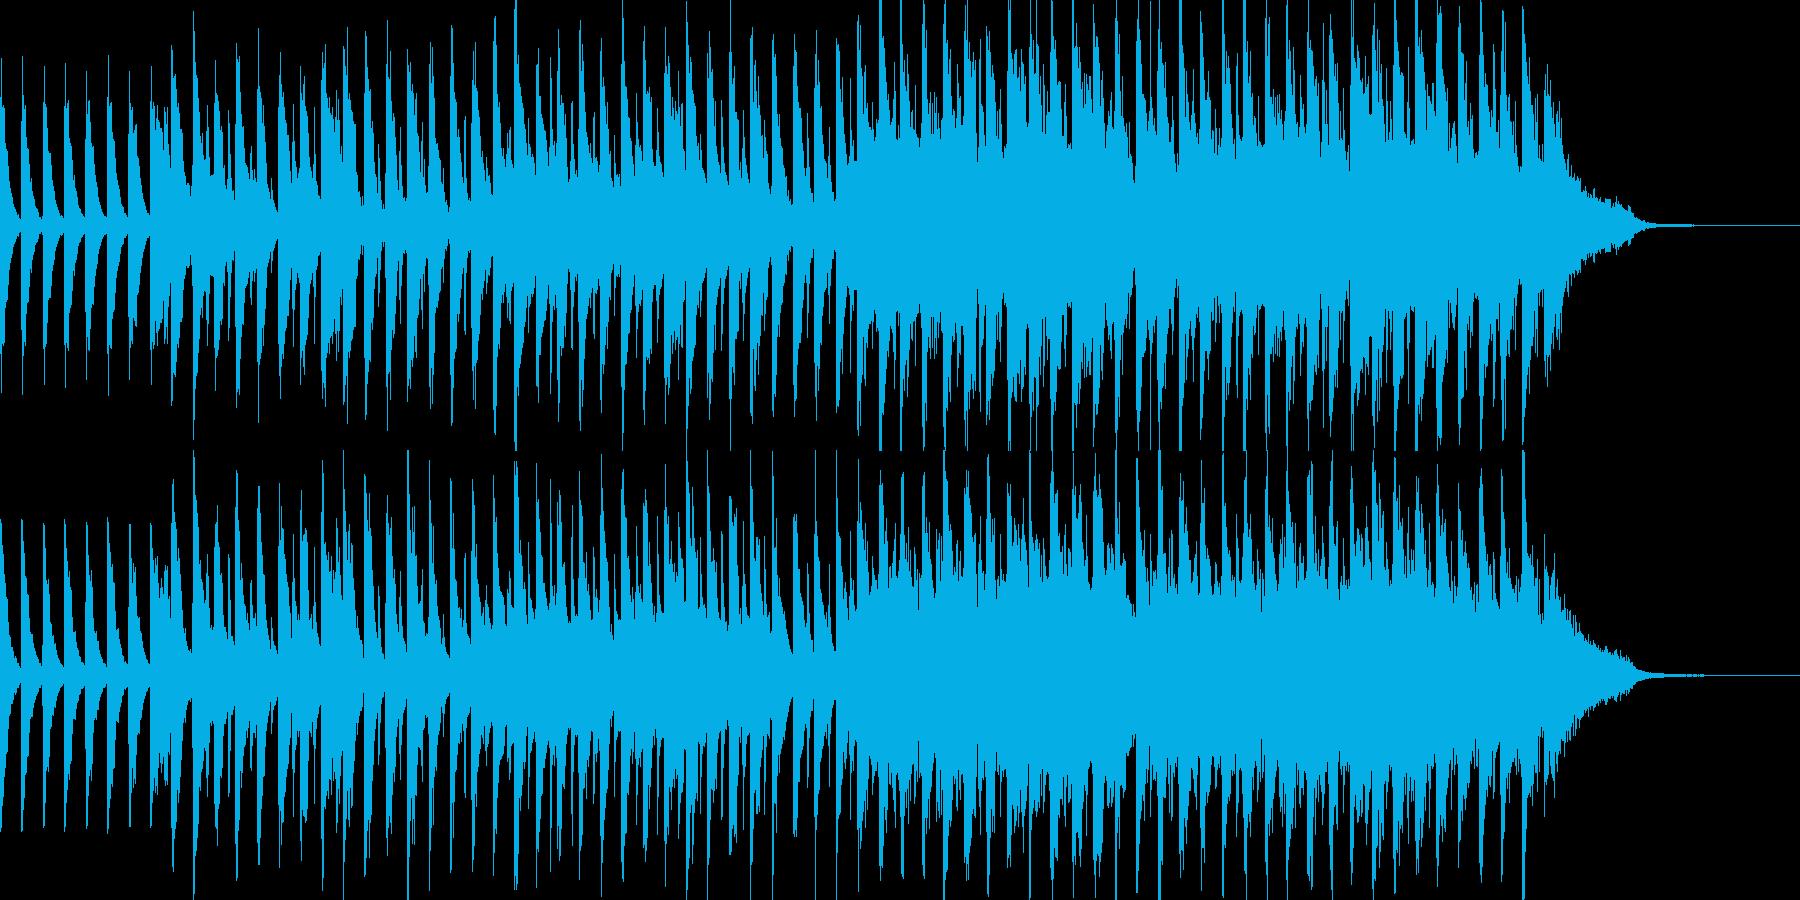 ポップで明るいBGMの再生済みの波形